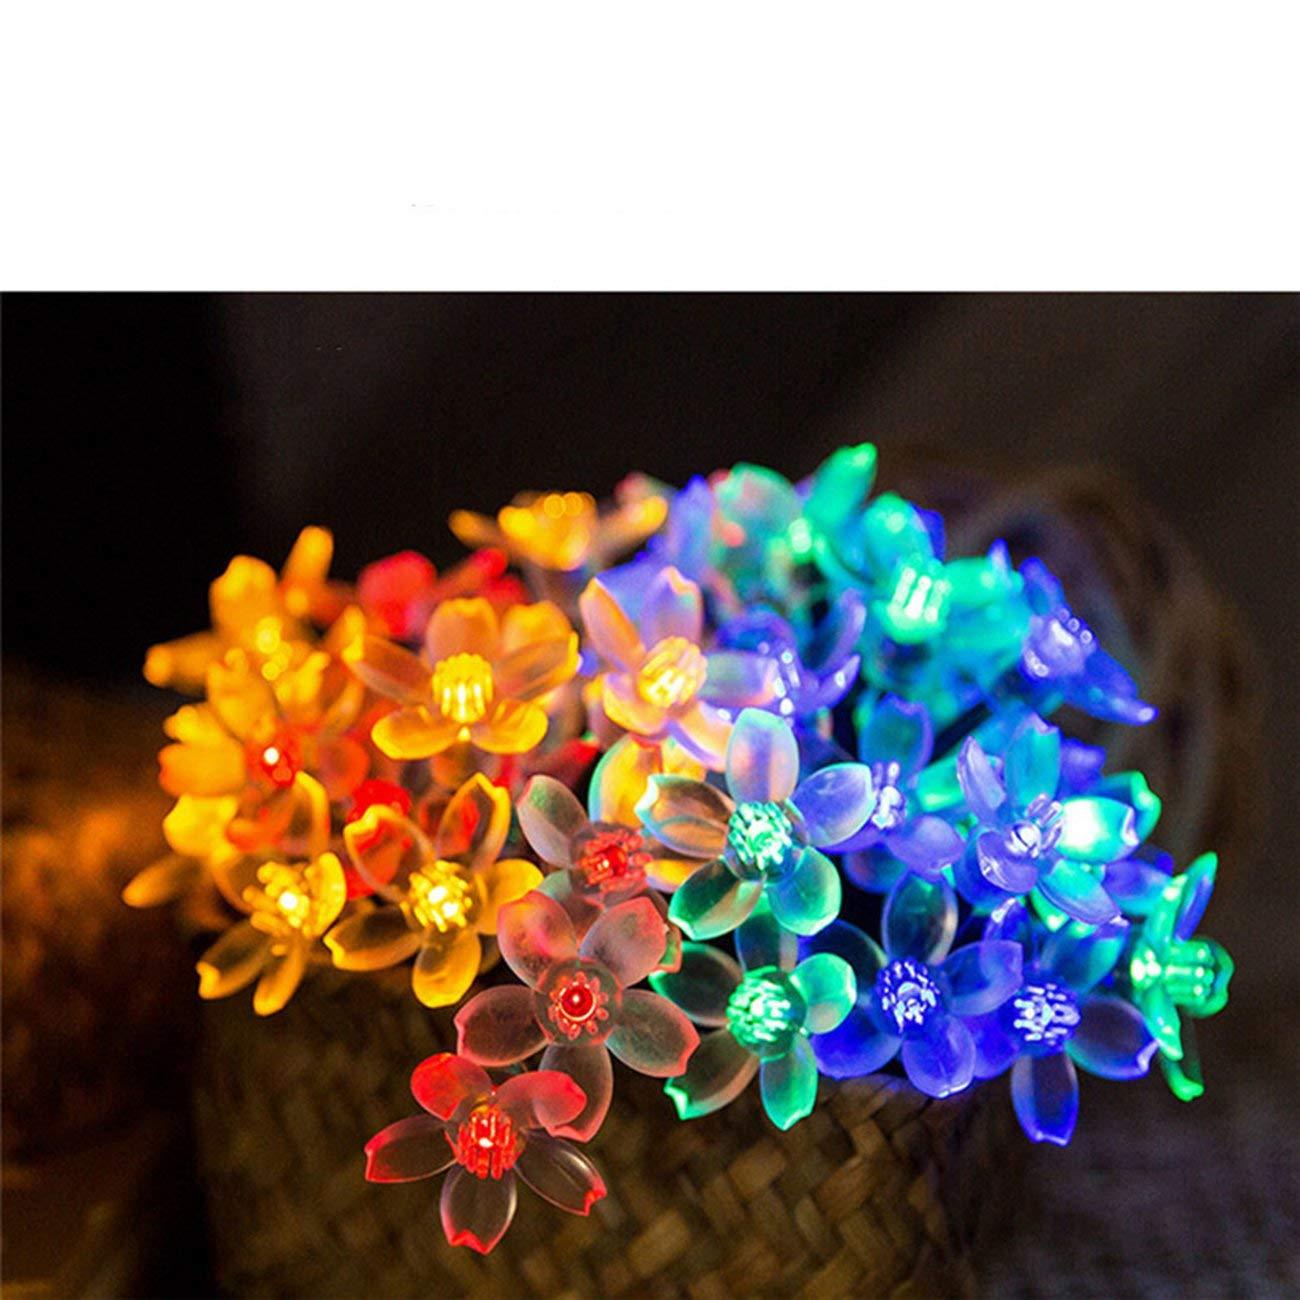 Elviray Wasserdichte LED Pfirsichbl/üte Solarenergie Lampe String Licht Outdoor Weihnachten Hochzeit Garten Party Dekorative Fee Licht